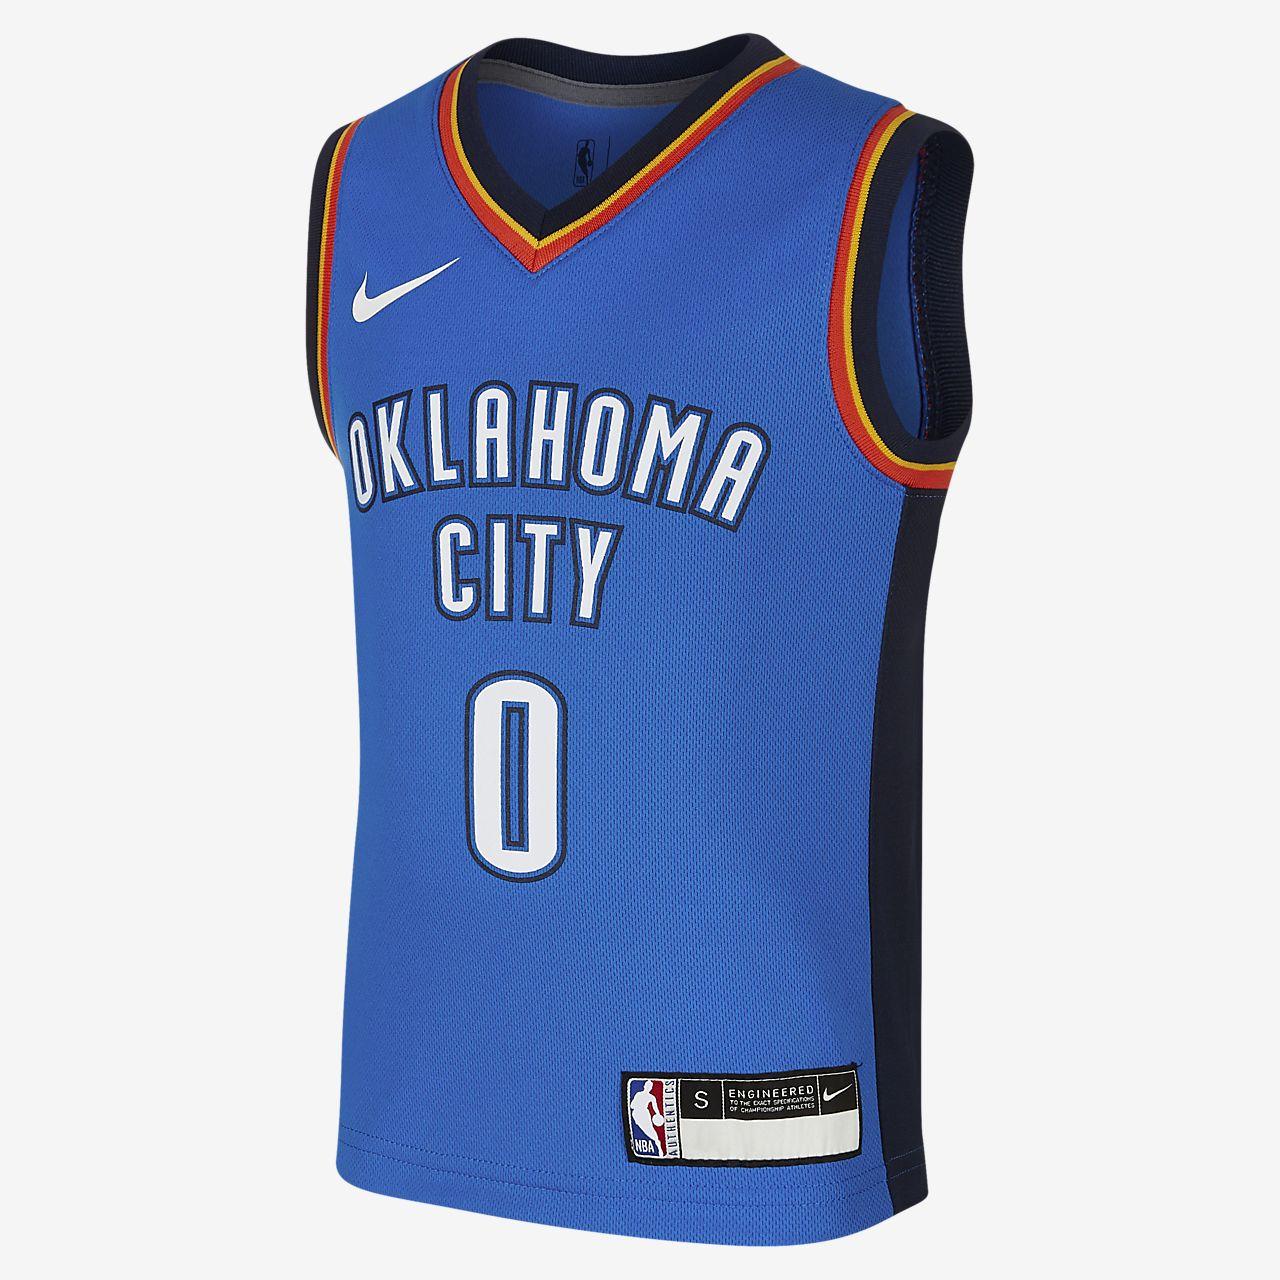 俄克拉荷马城雷霆队 Replica IconNike NBA Jersey幼童球衣